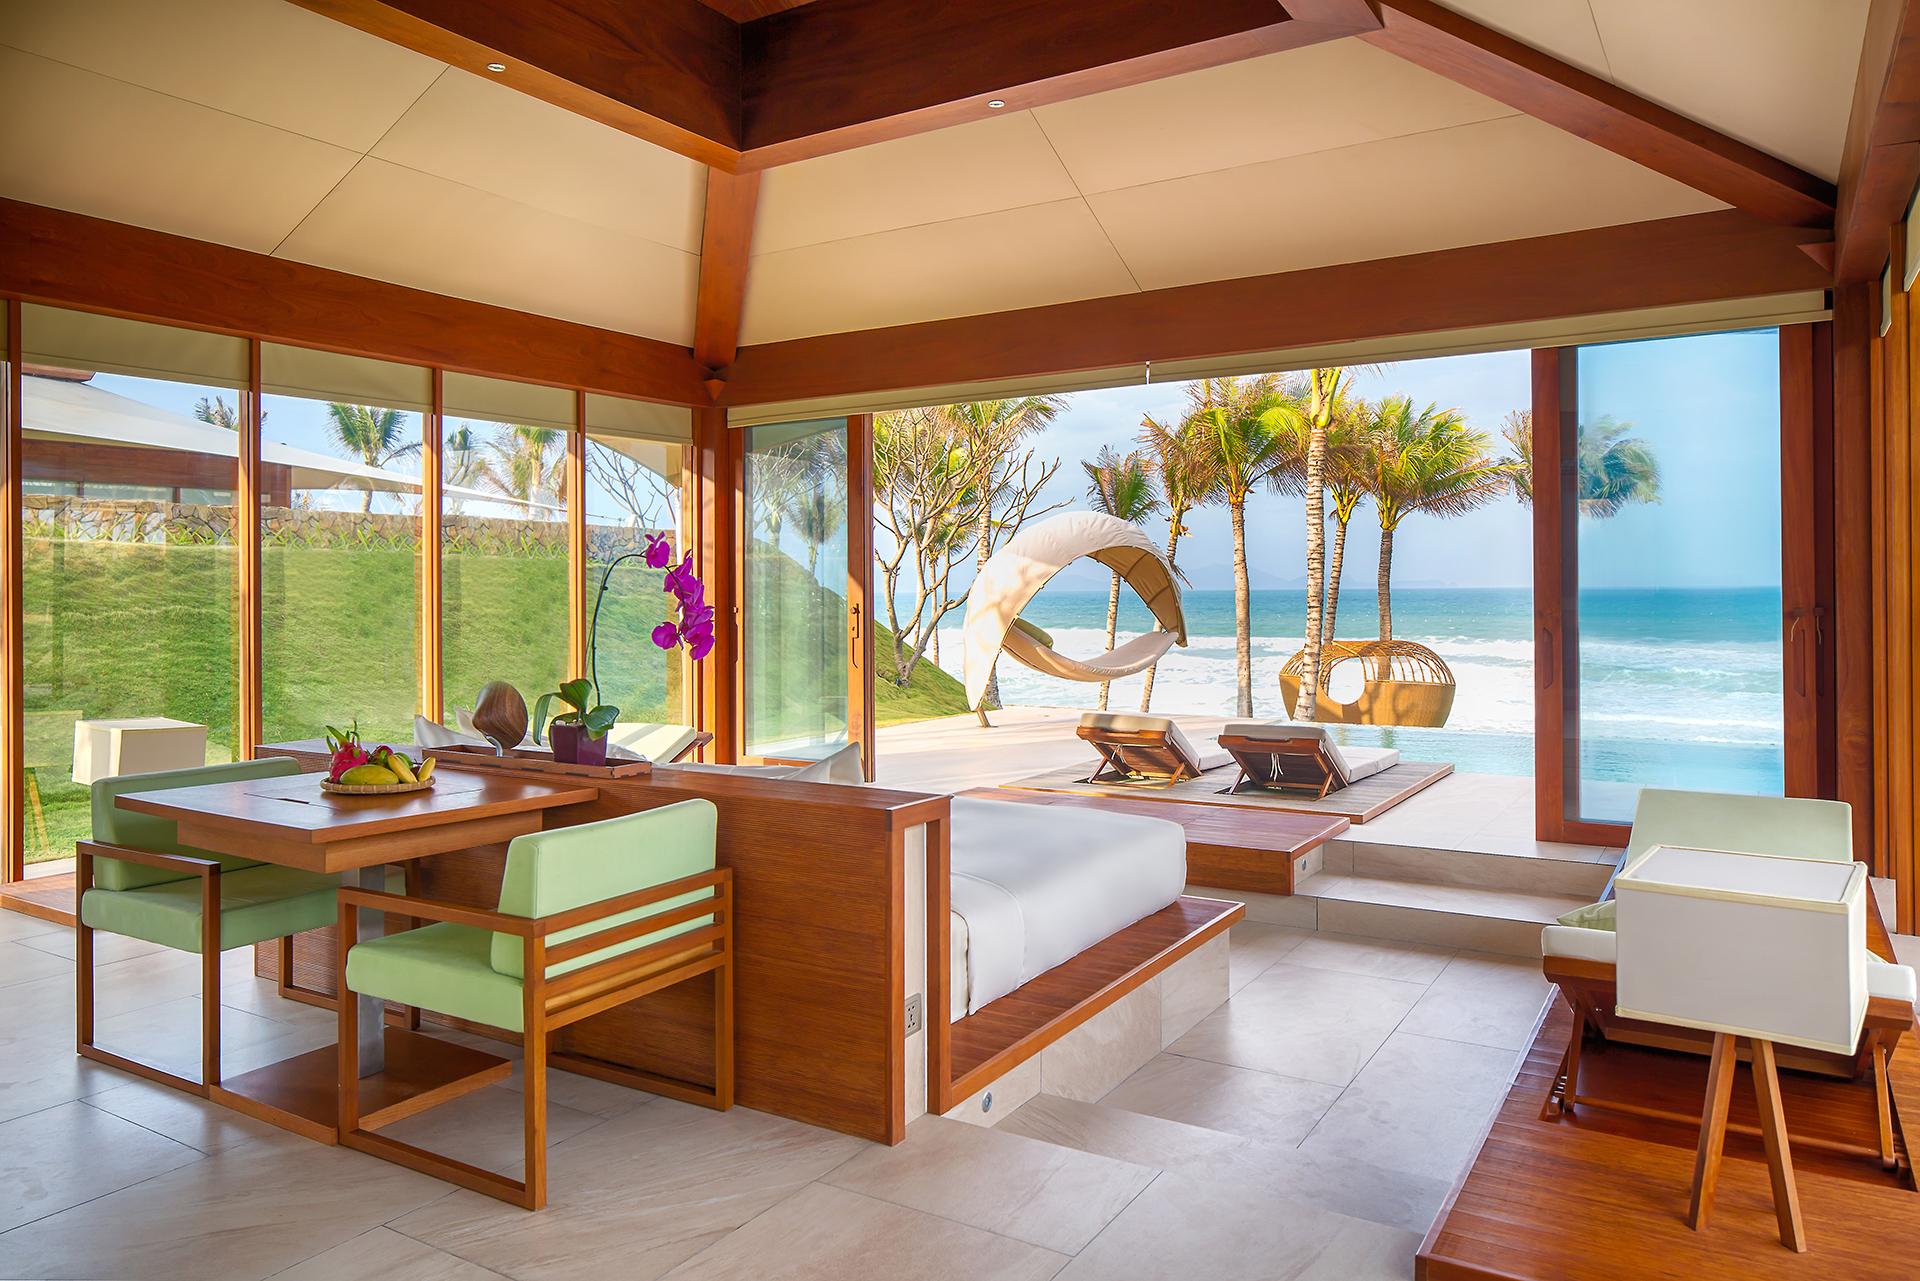 Phòng nghỉ với góc nhìn rộng hướng ra biển